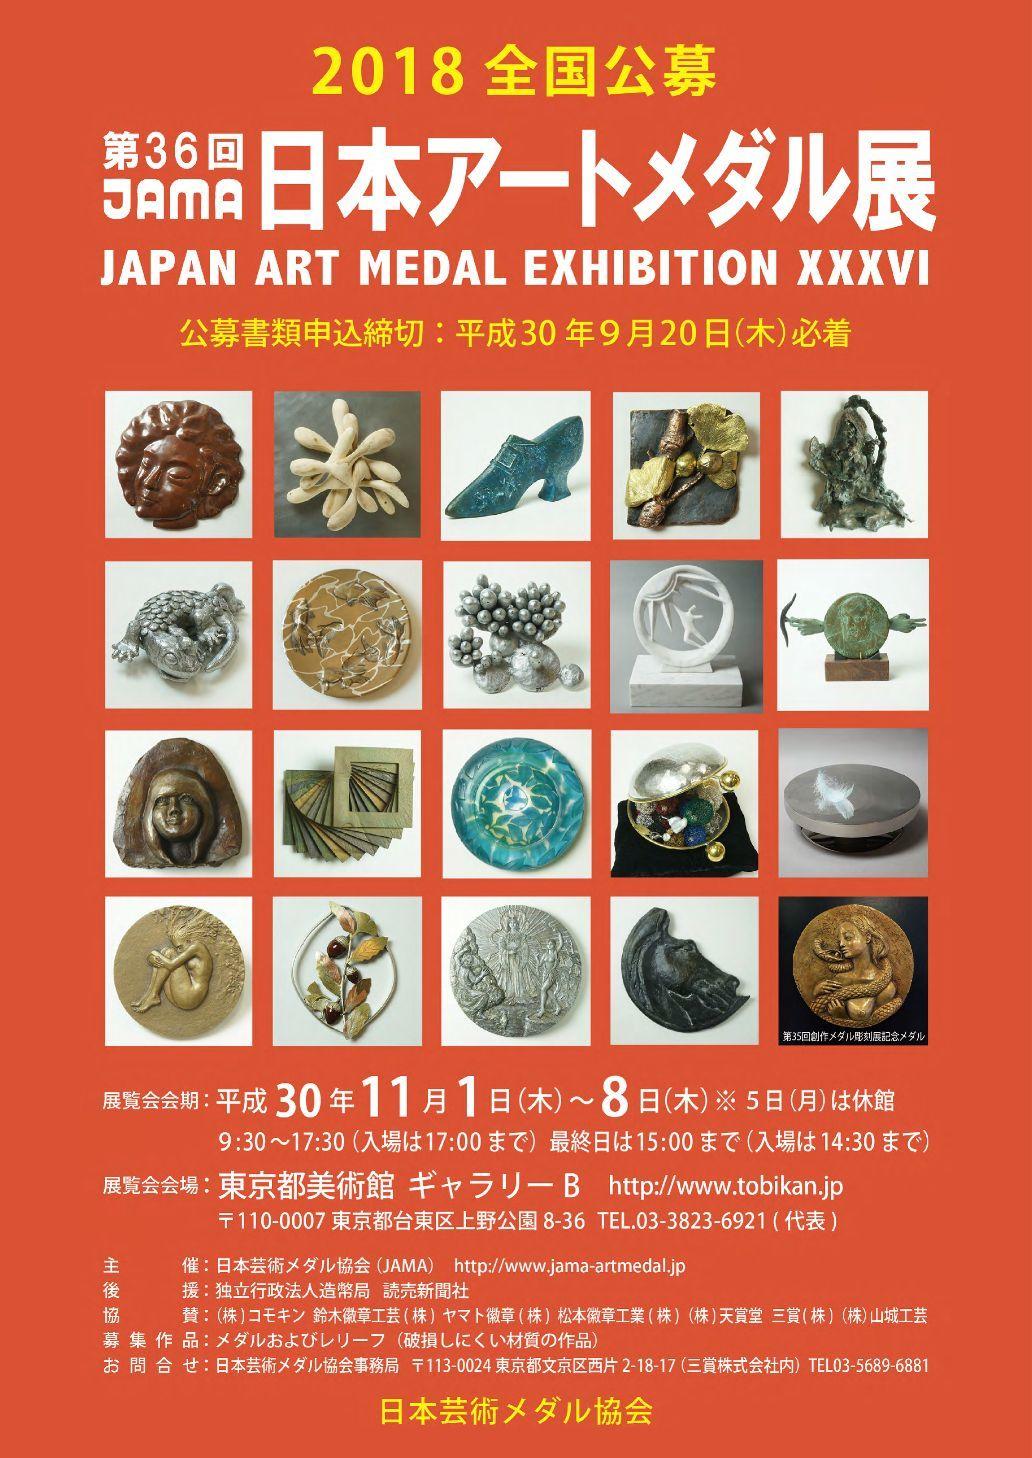 2018年 第36回日本アートメダル展ポスター(ブログ用)